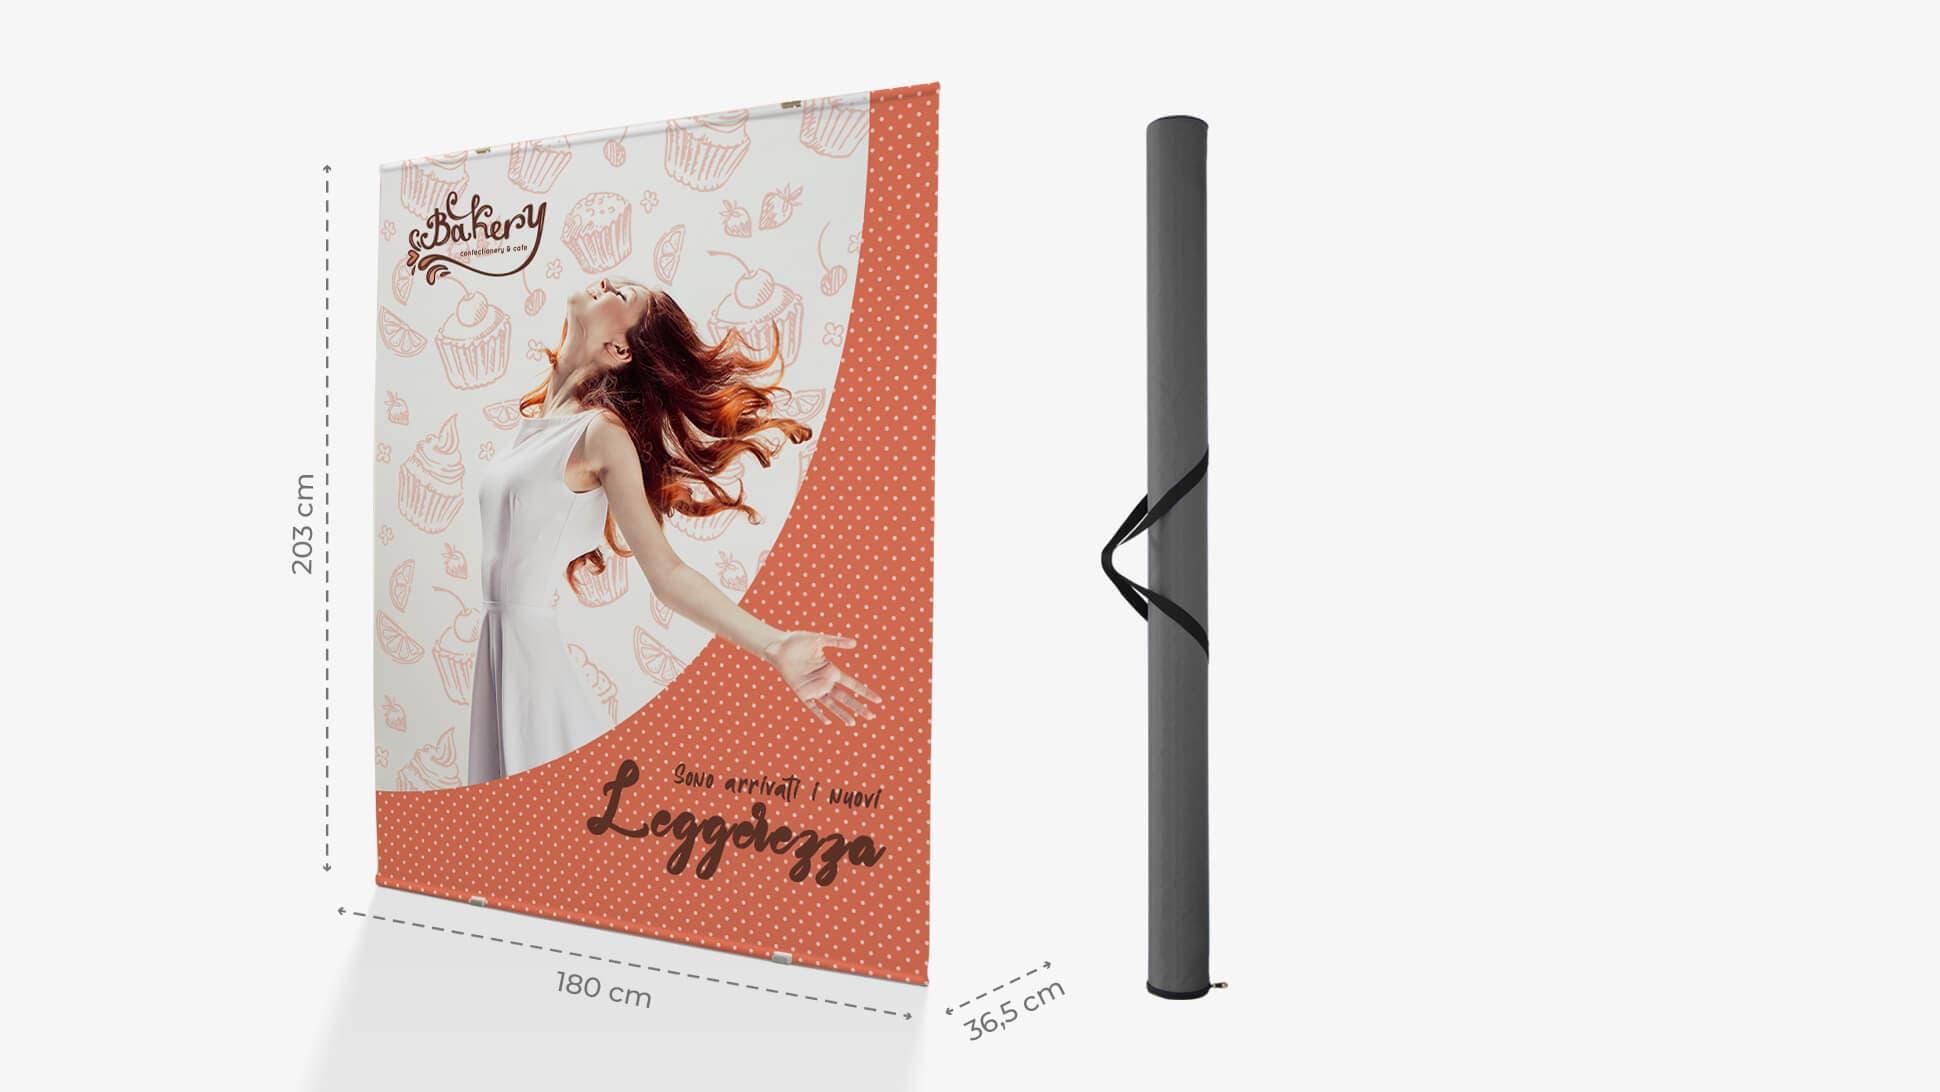 Display Maxi 88 con struttura in alluminio e poster monofacciale 180x206hx36cm| tictac.it